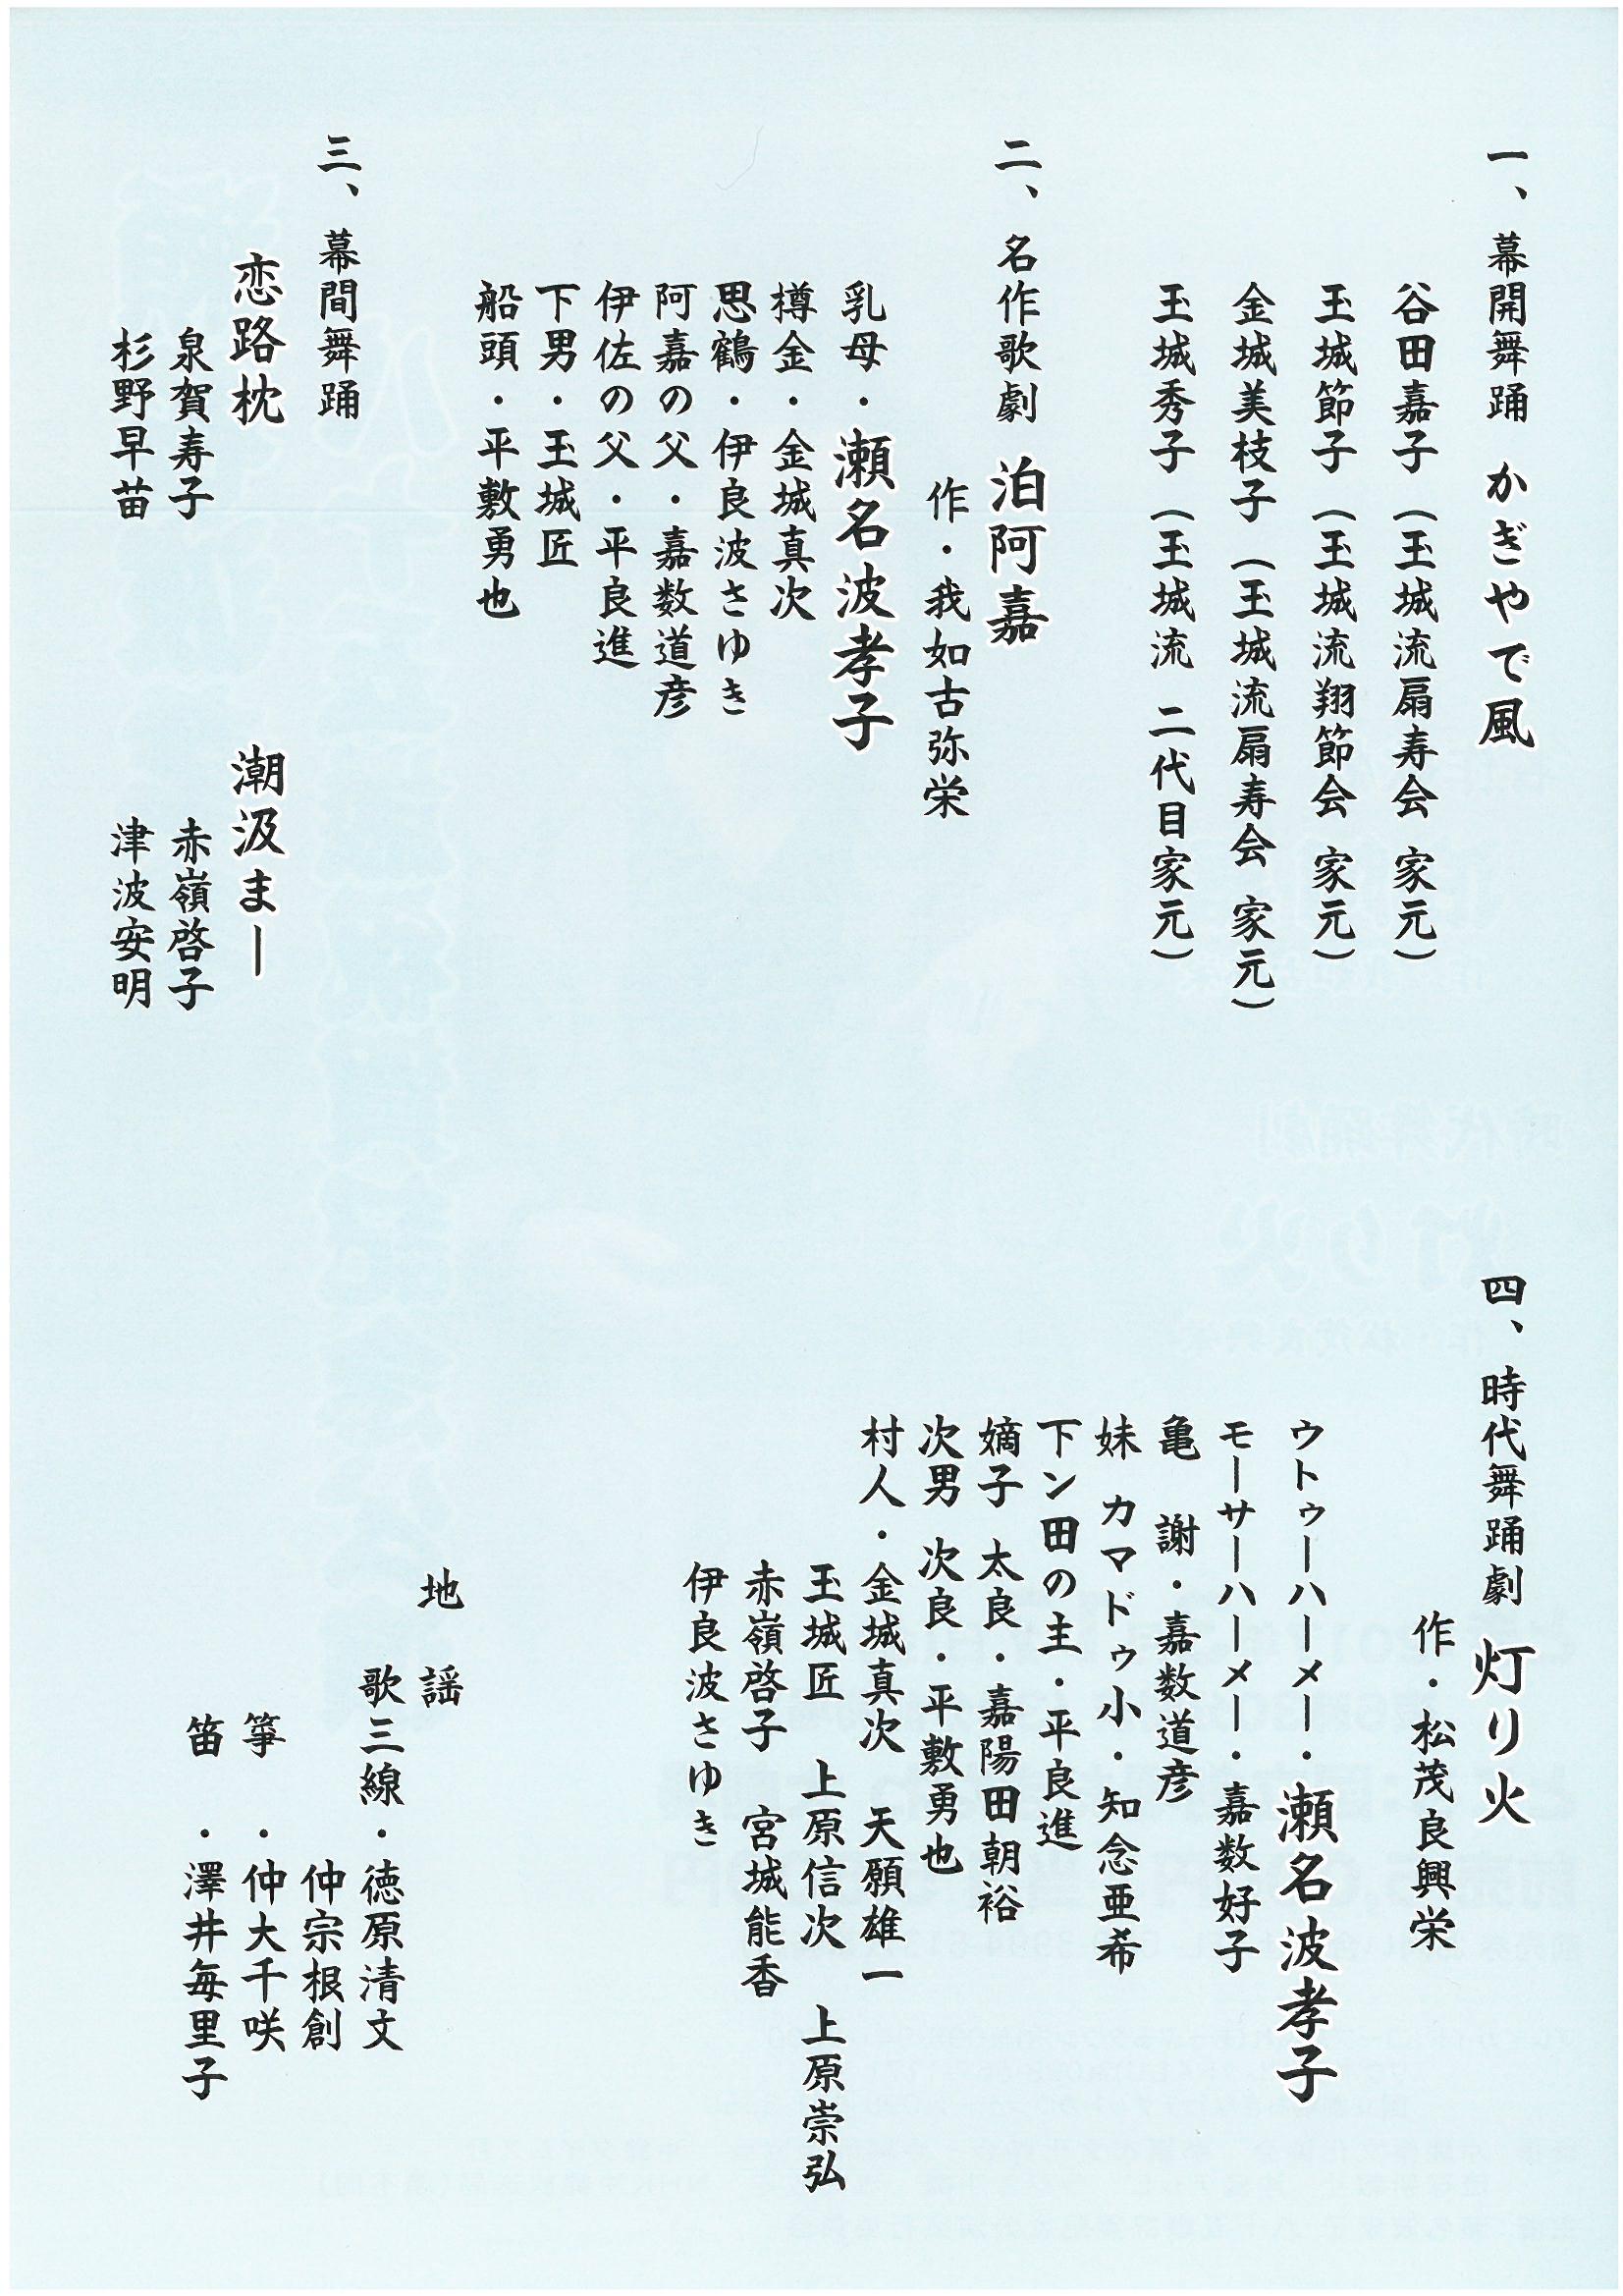 瀬名波孝子 八十五歳祝賀記念公演 那覇市文化協会